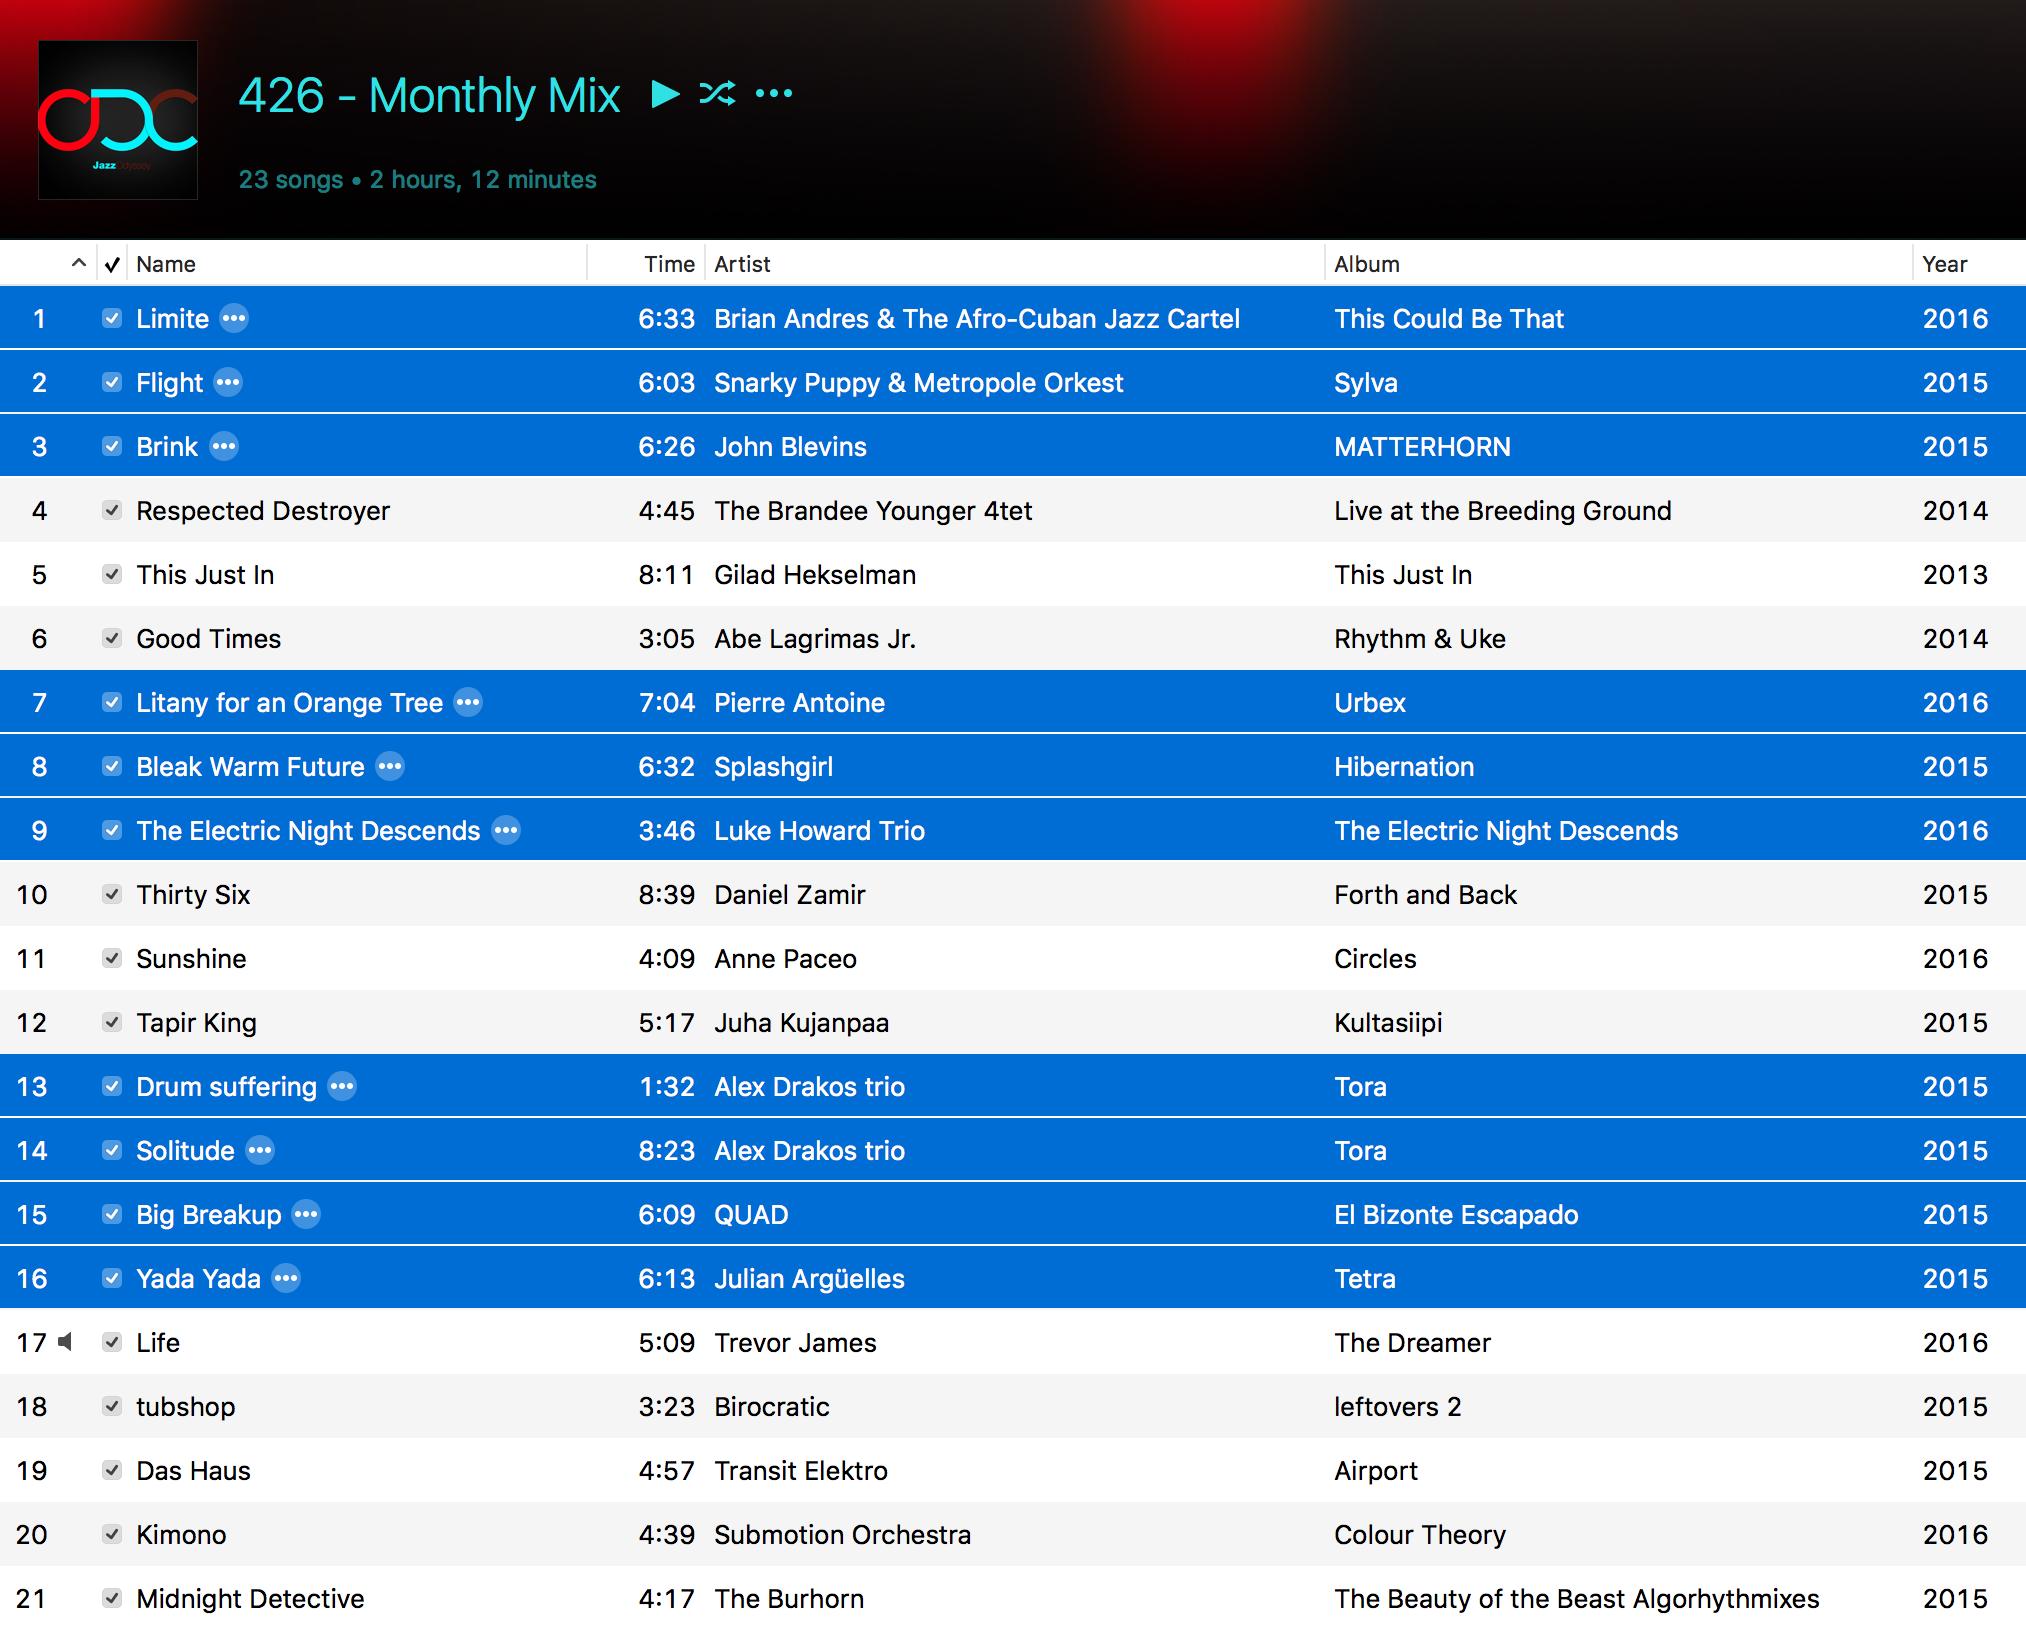 Jazz ODC #426 - The Monthly Mix - Playlist